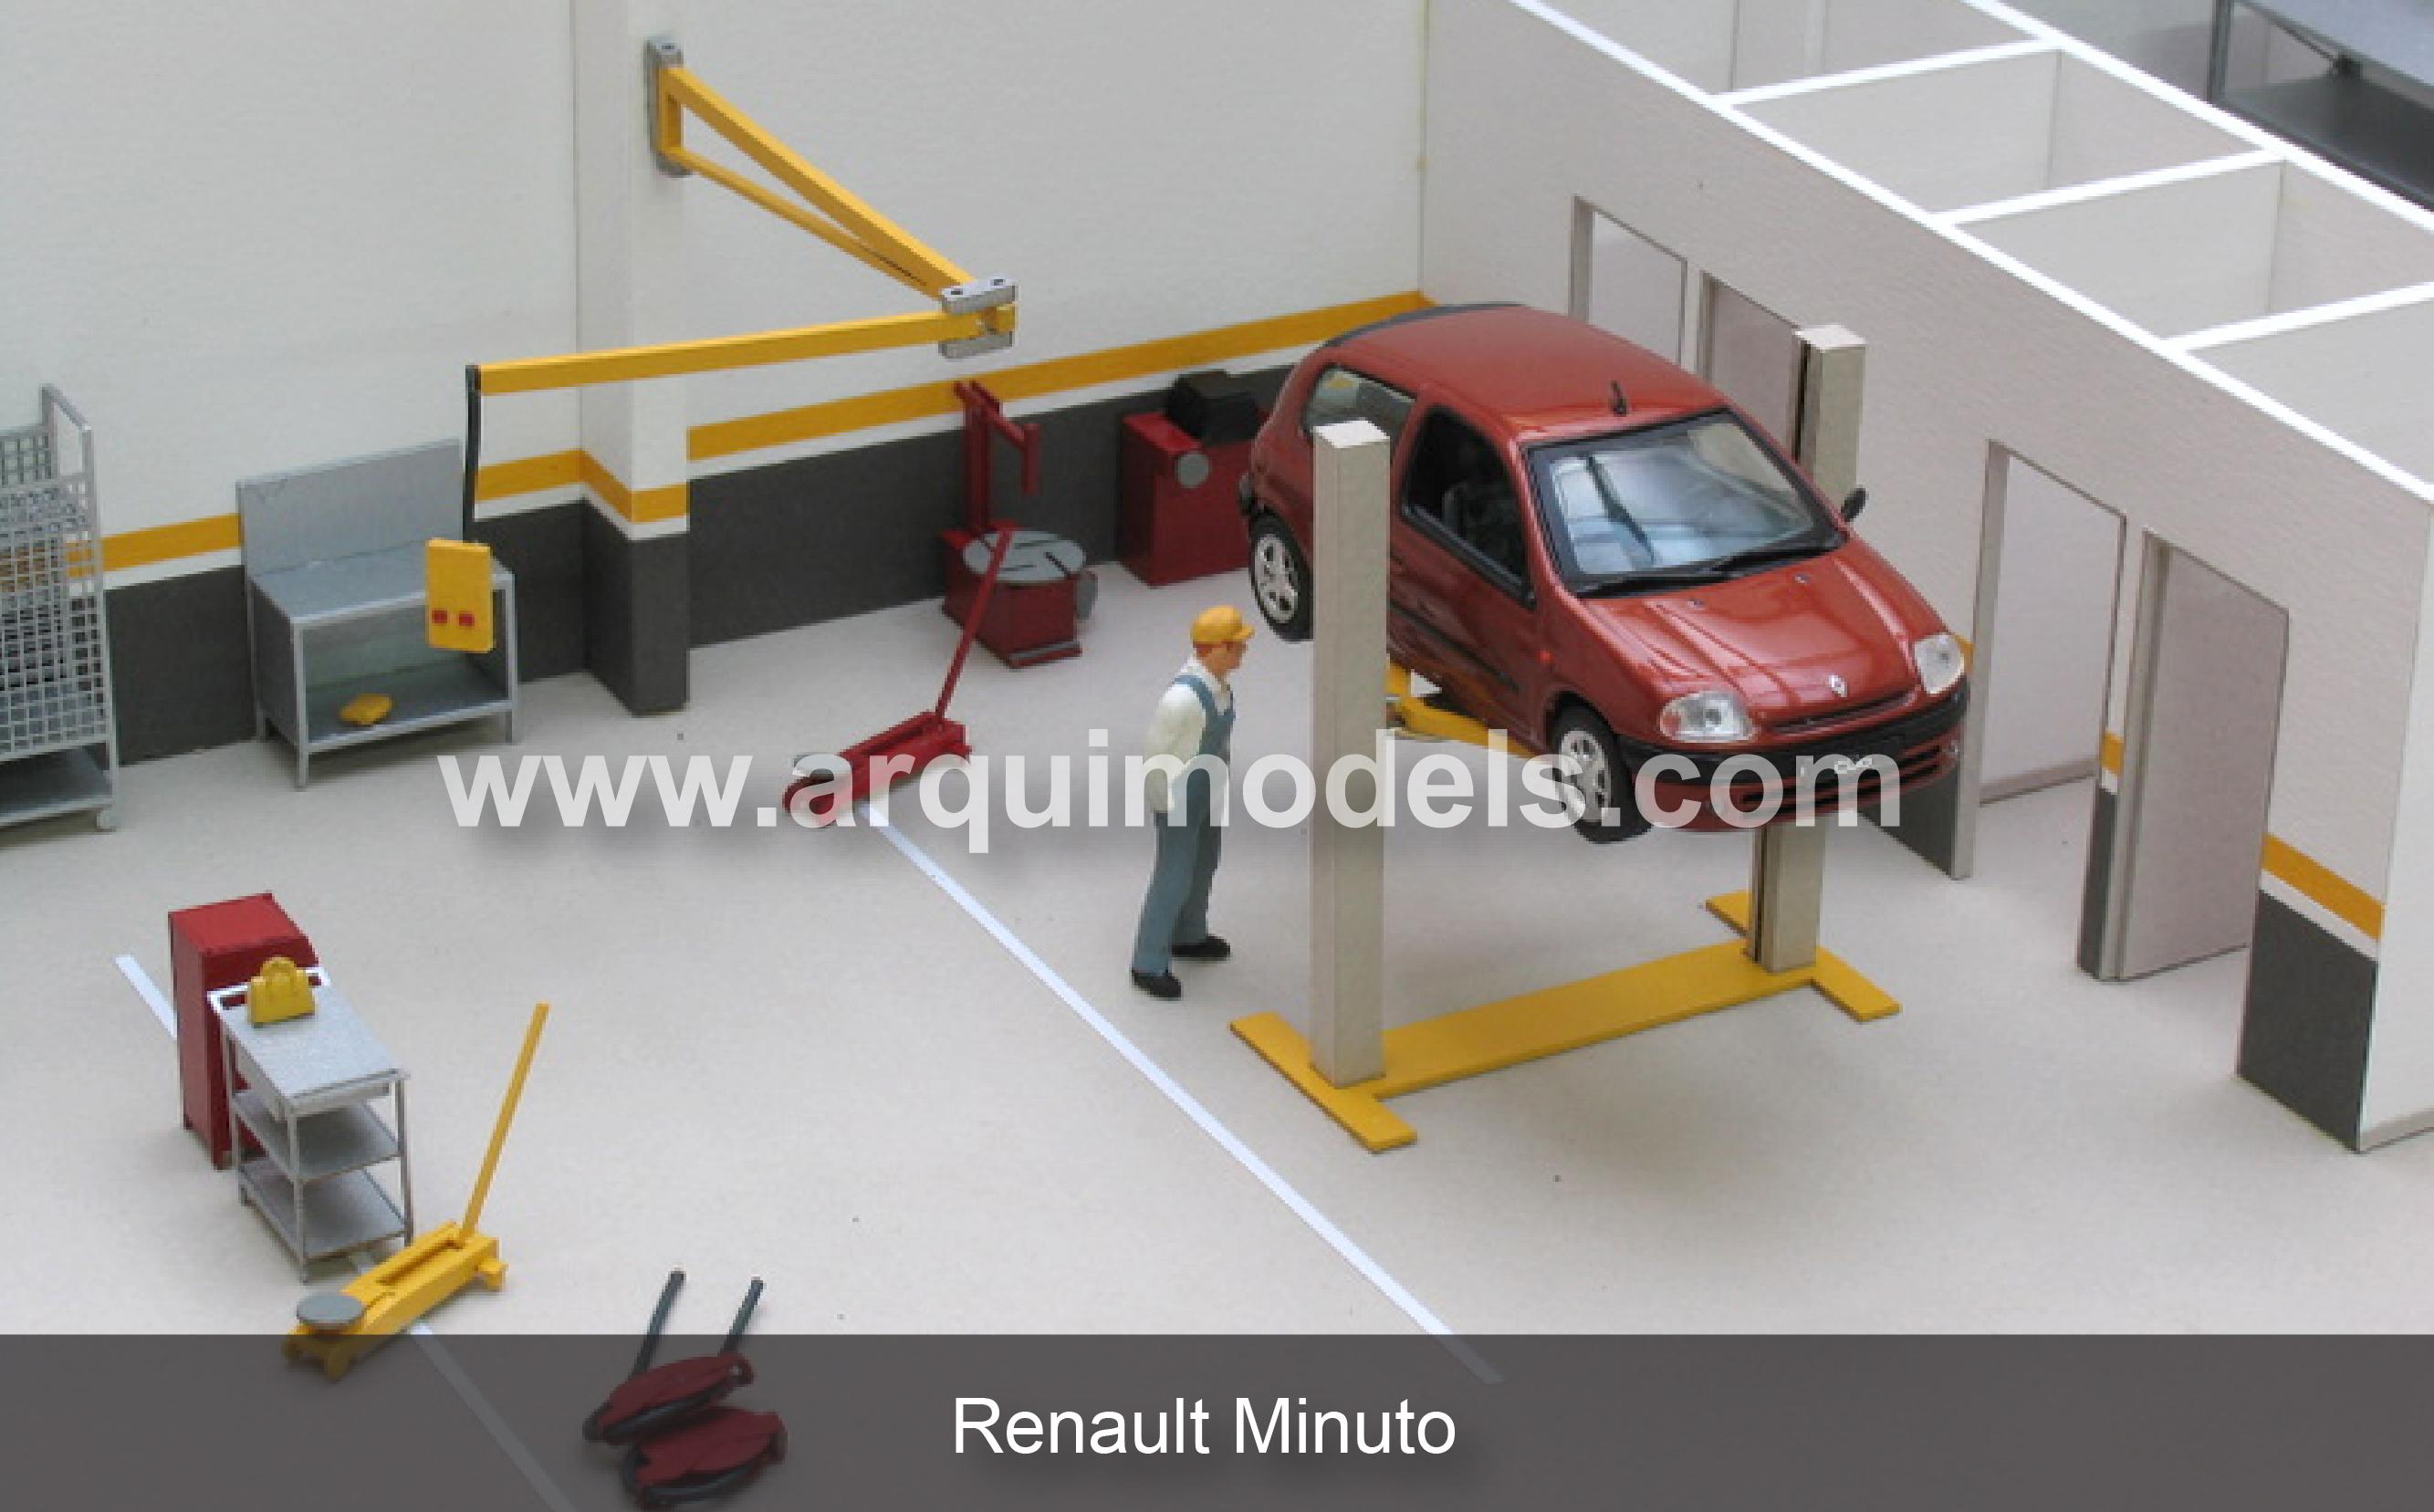 Renault Minuto 3-01